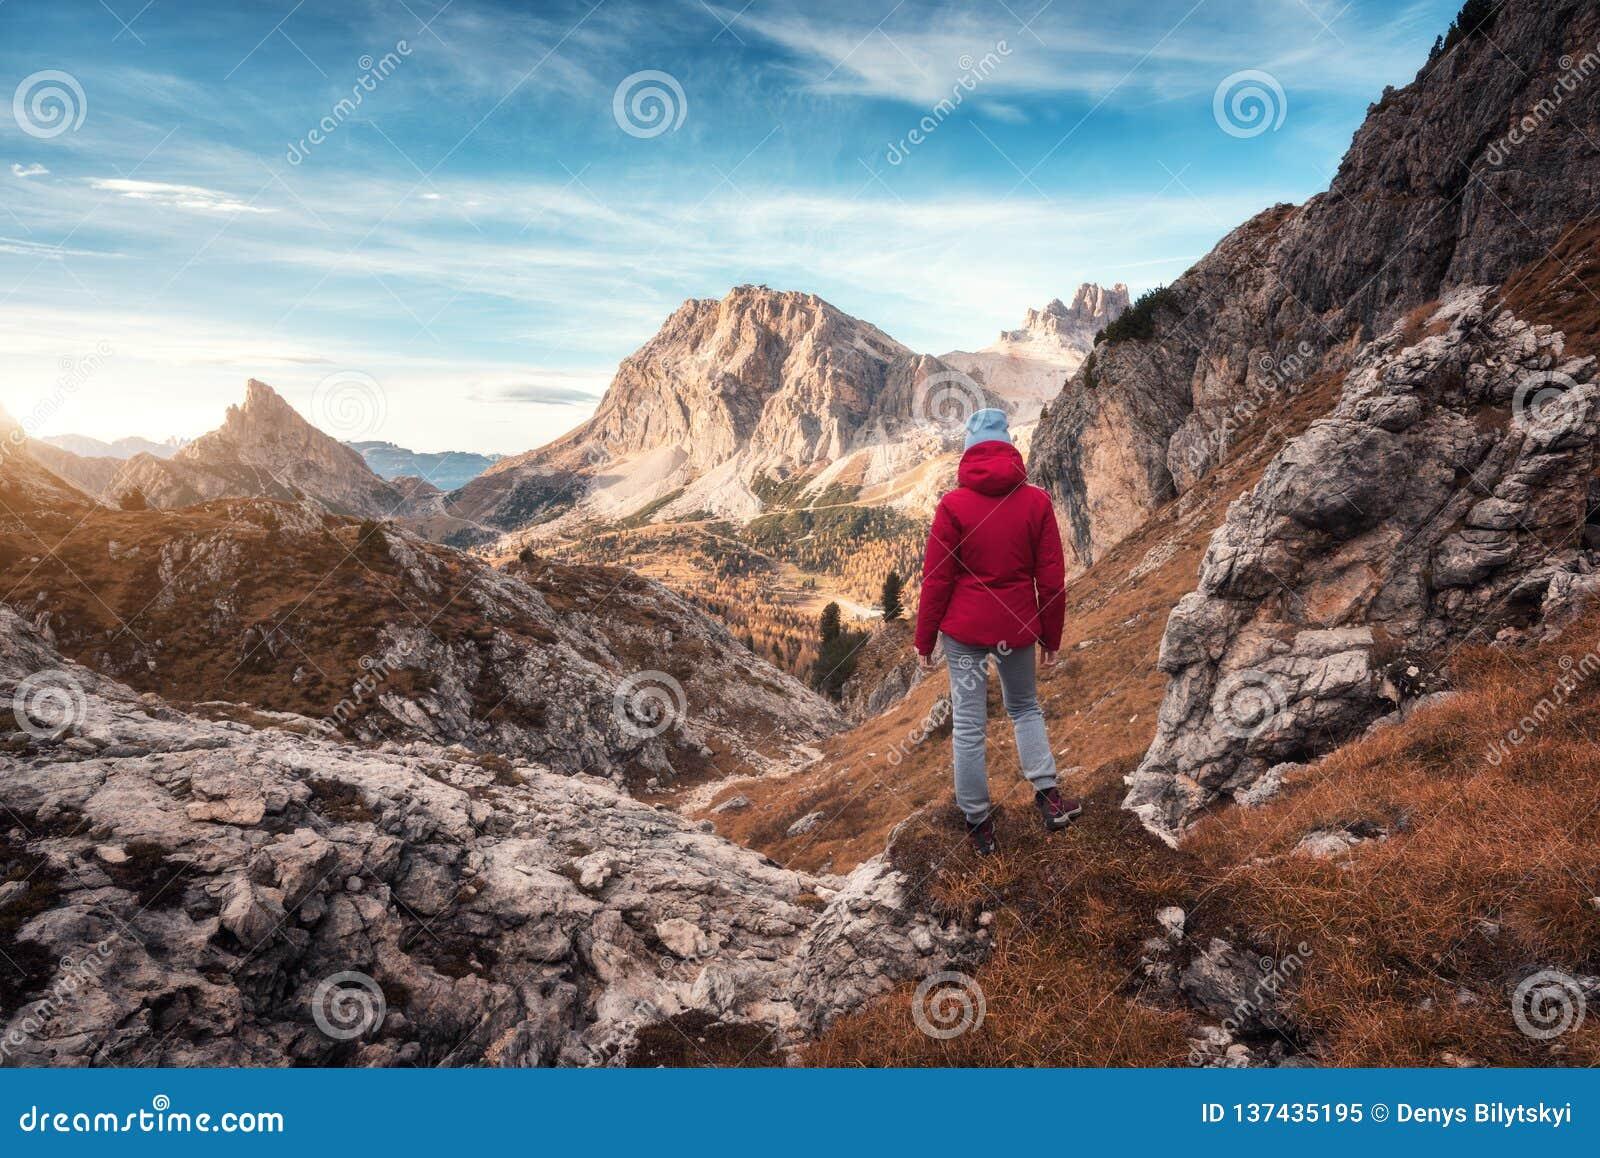 Junge Frau auf der Spur, die auf hoher Bergspitze Sonnenuntergang betrachtet